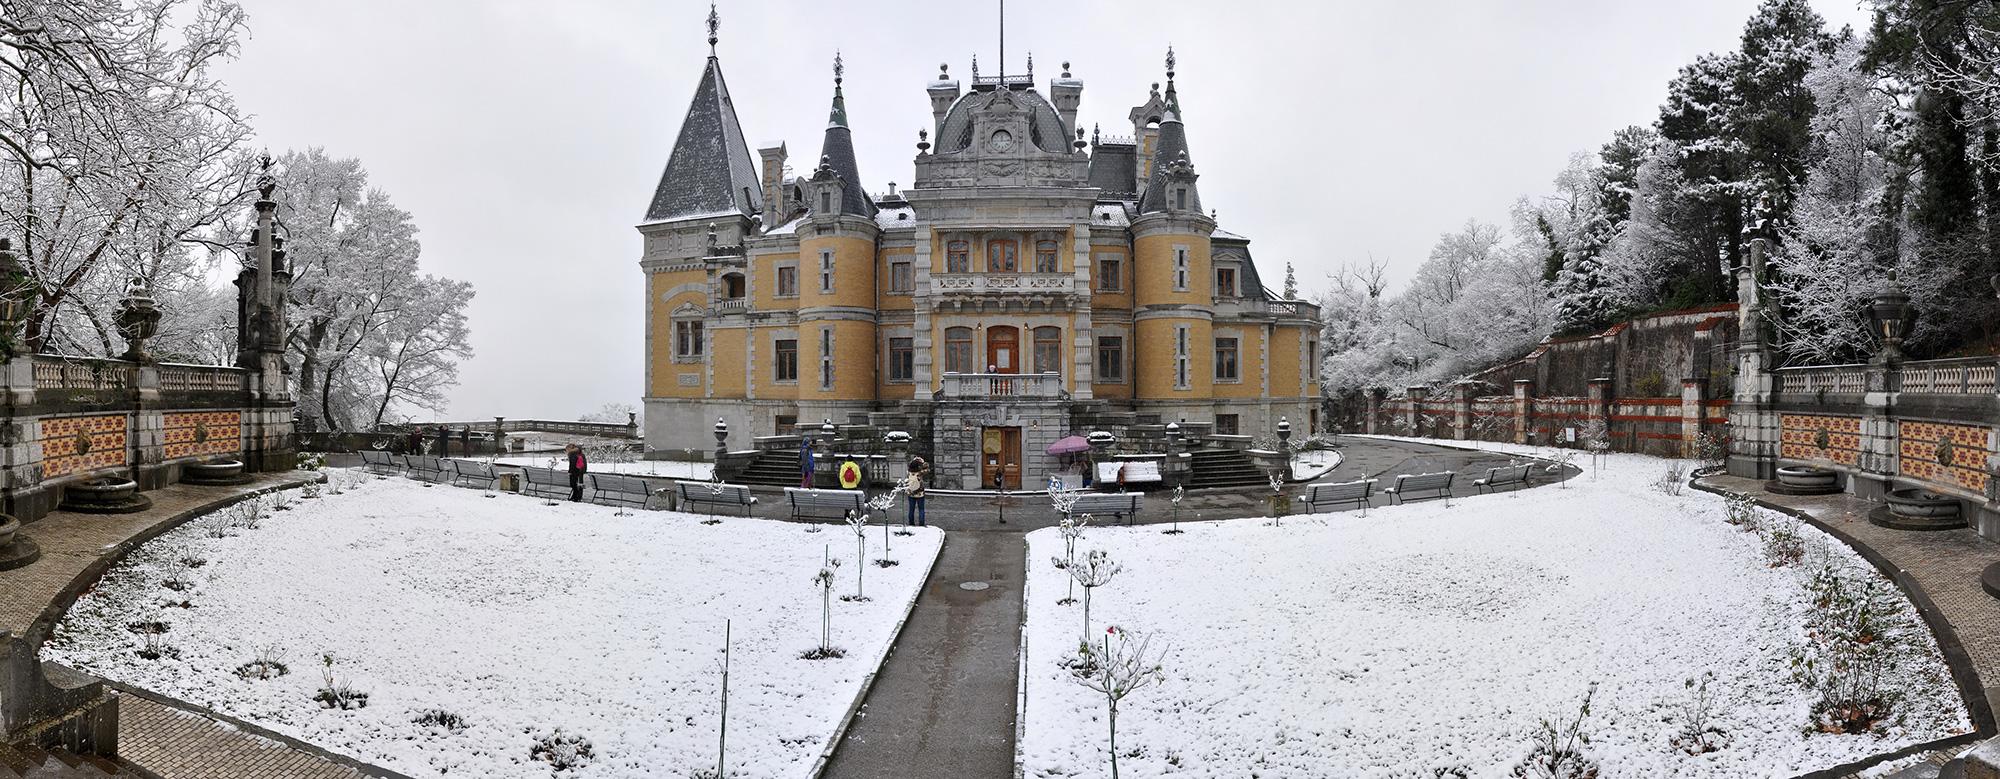 Массандровский дворец Ялта